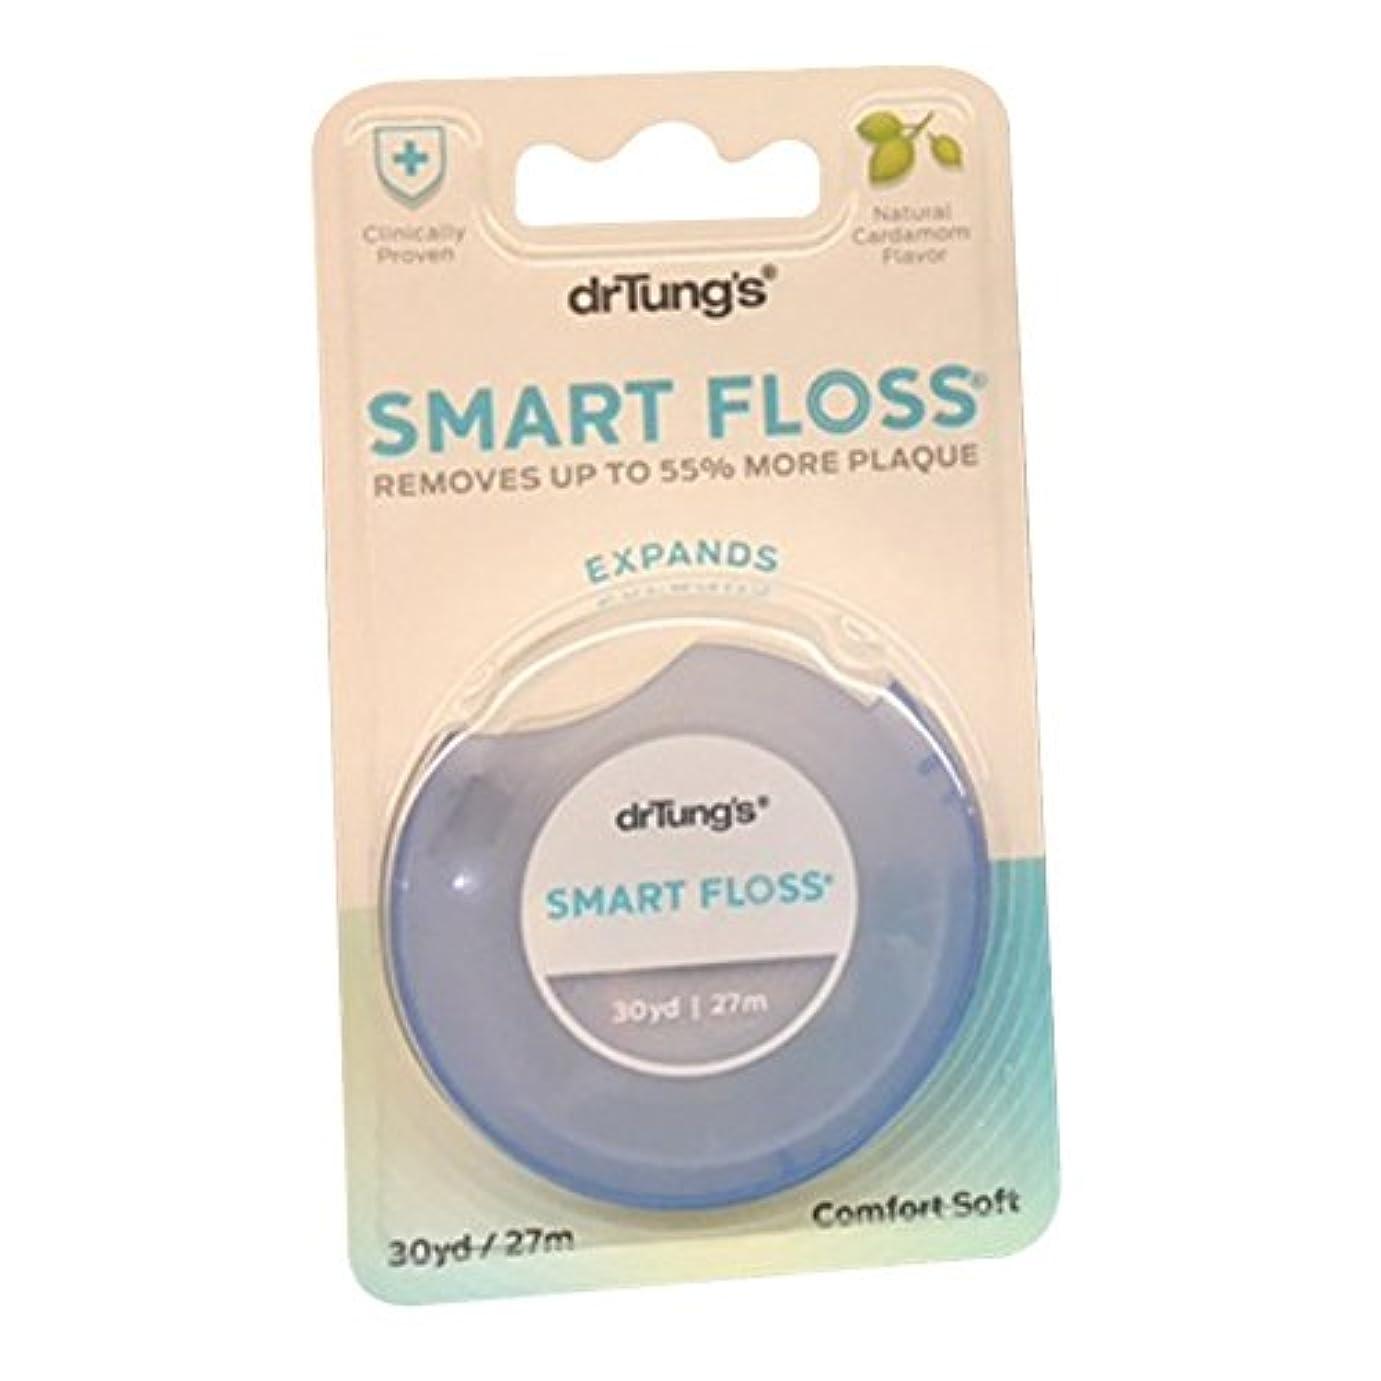 クリーム火炎ライセンス【並行輸入品】Dr. Tung's Products: Smart Floss Dental Floss 30 yards (12 pack)